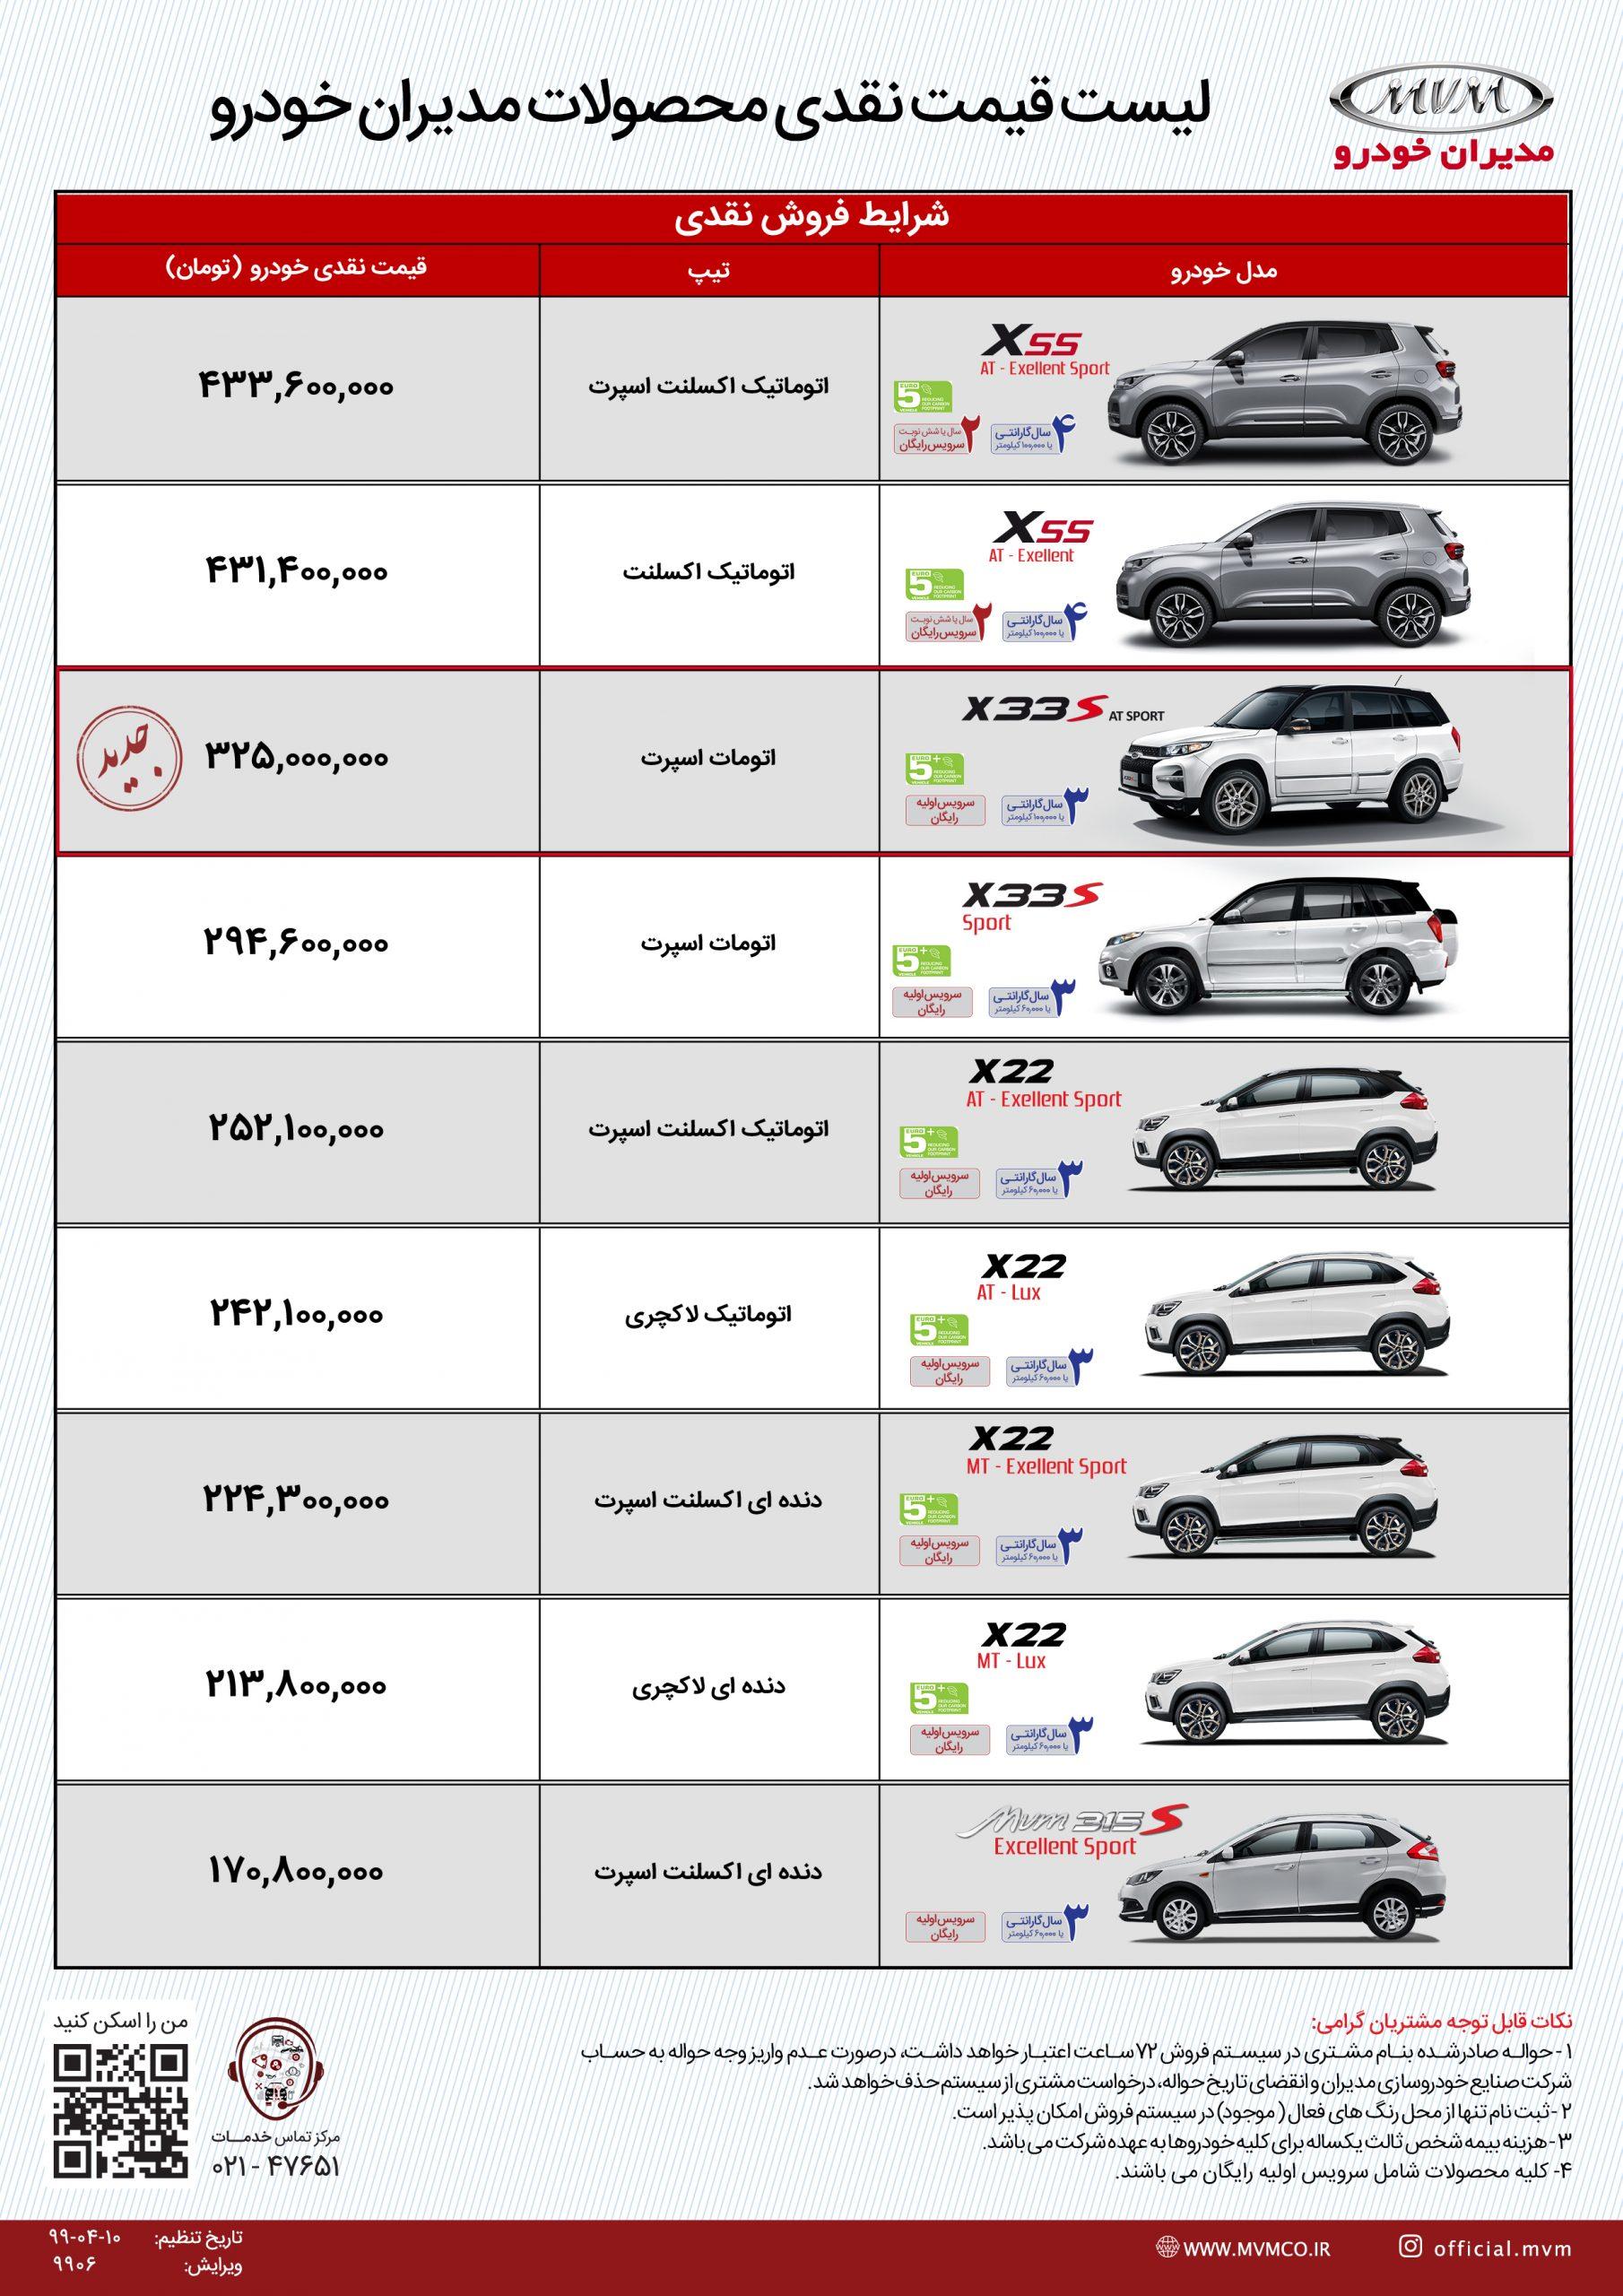 َرایط فروش مدیران خودرو 30 تیر 1399